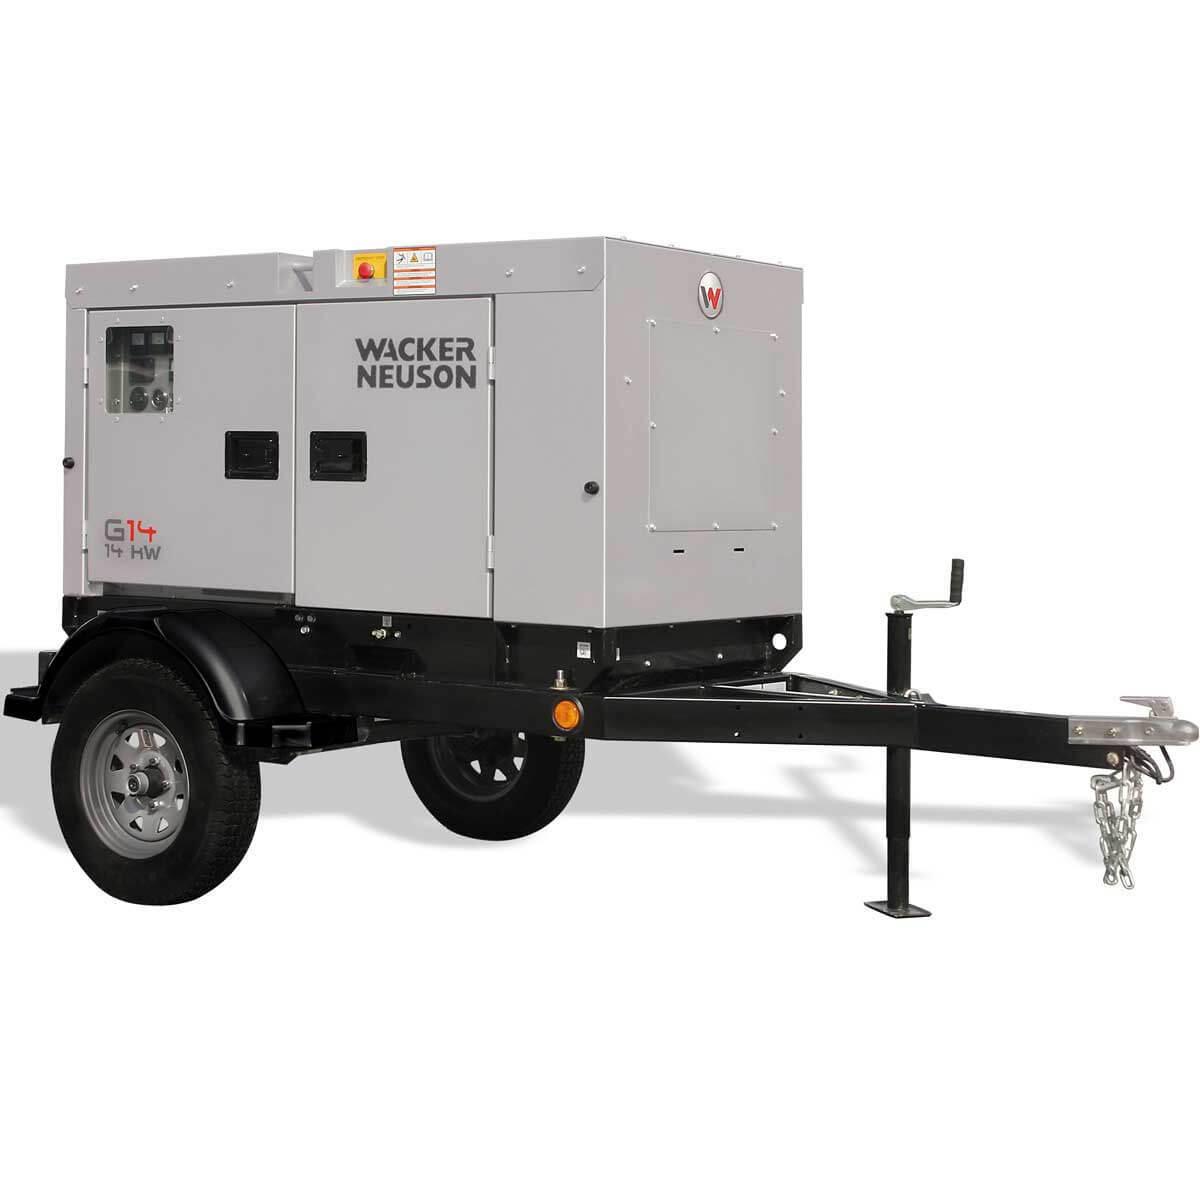 Wacker G14 Generator 14kW w Skid Base